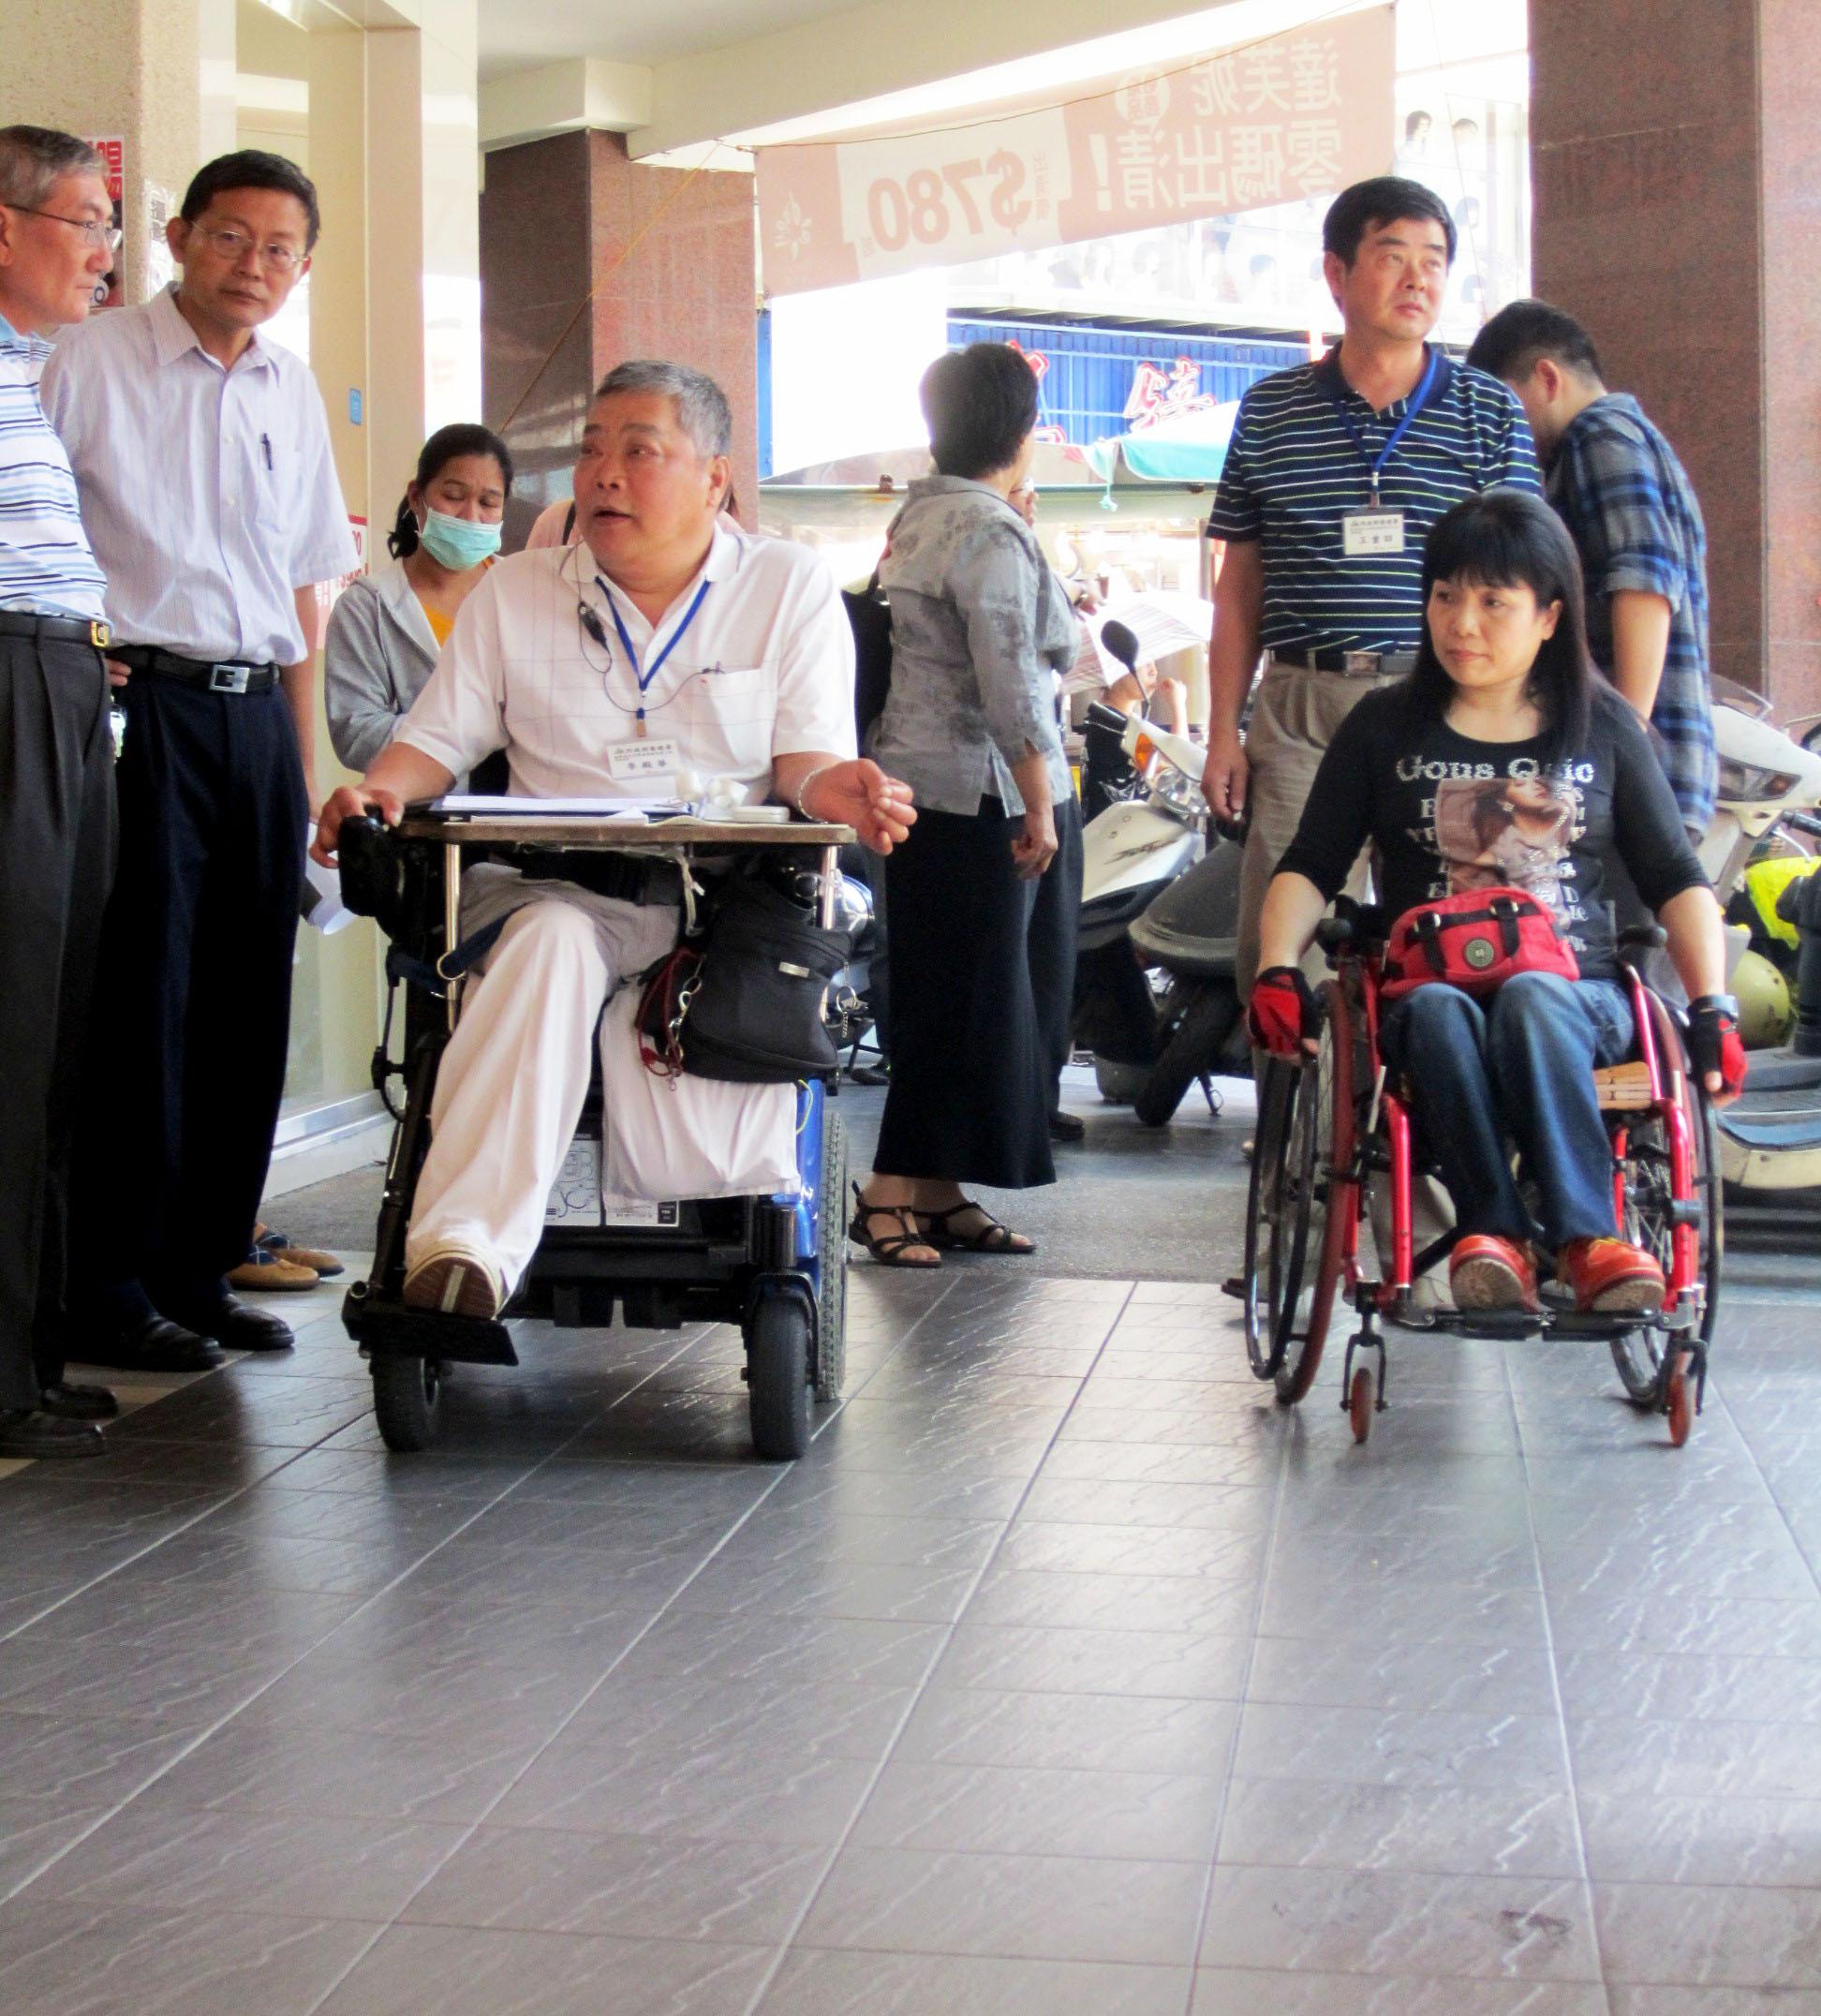 高雄市打造無障礙環境,體貼身障朋友。(圖∕高雄市政府工務局 提供)